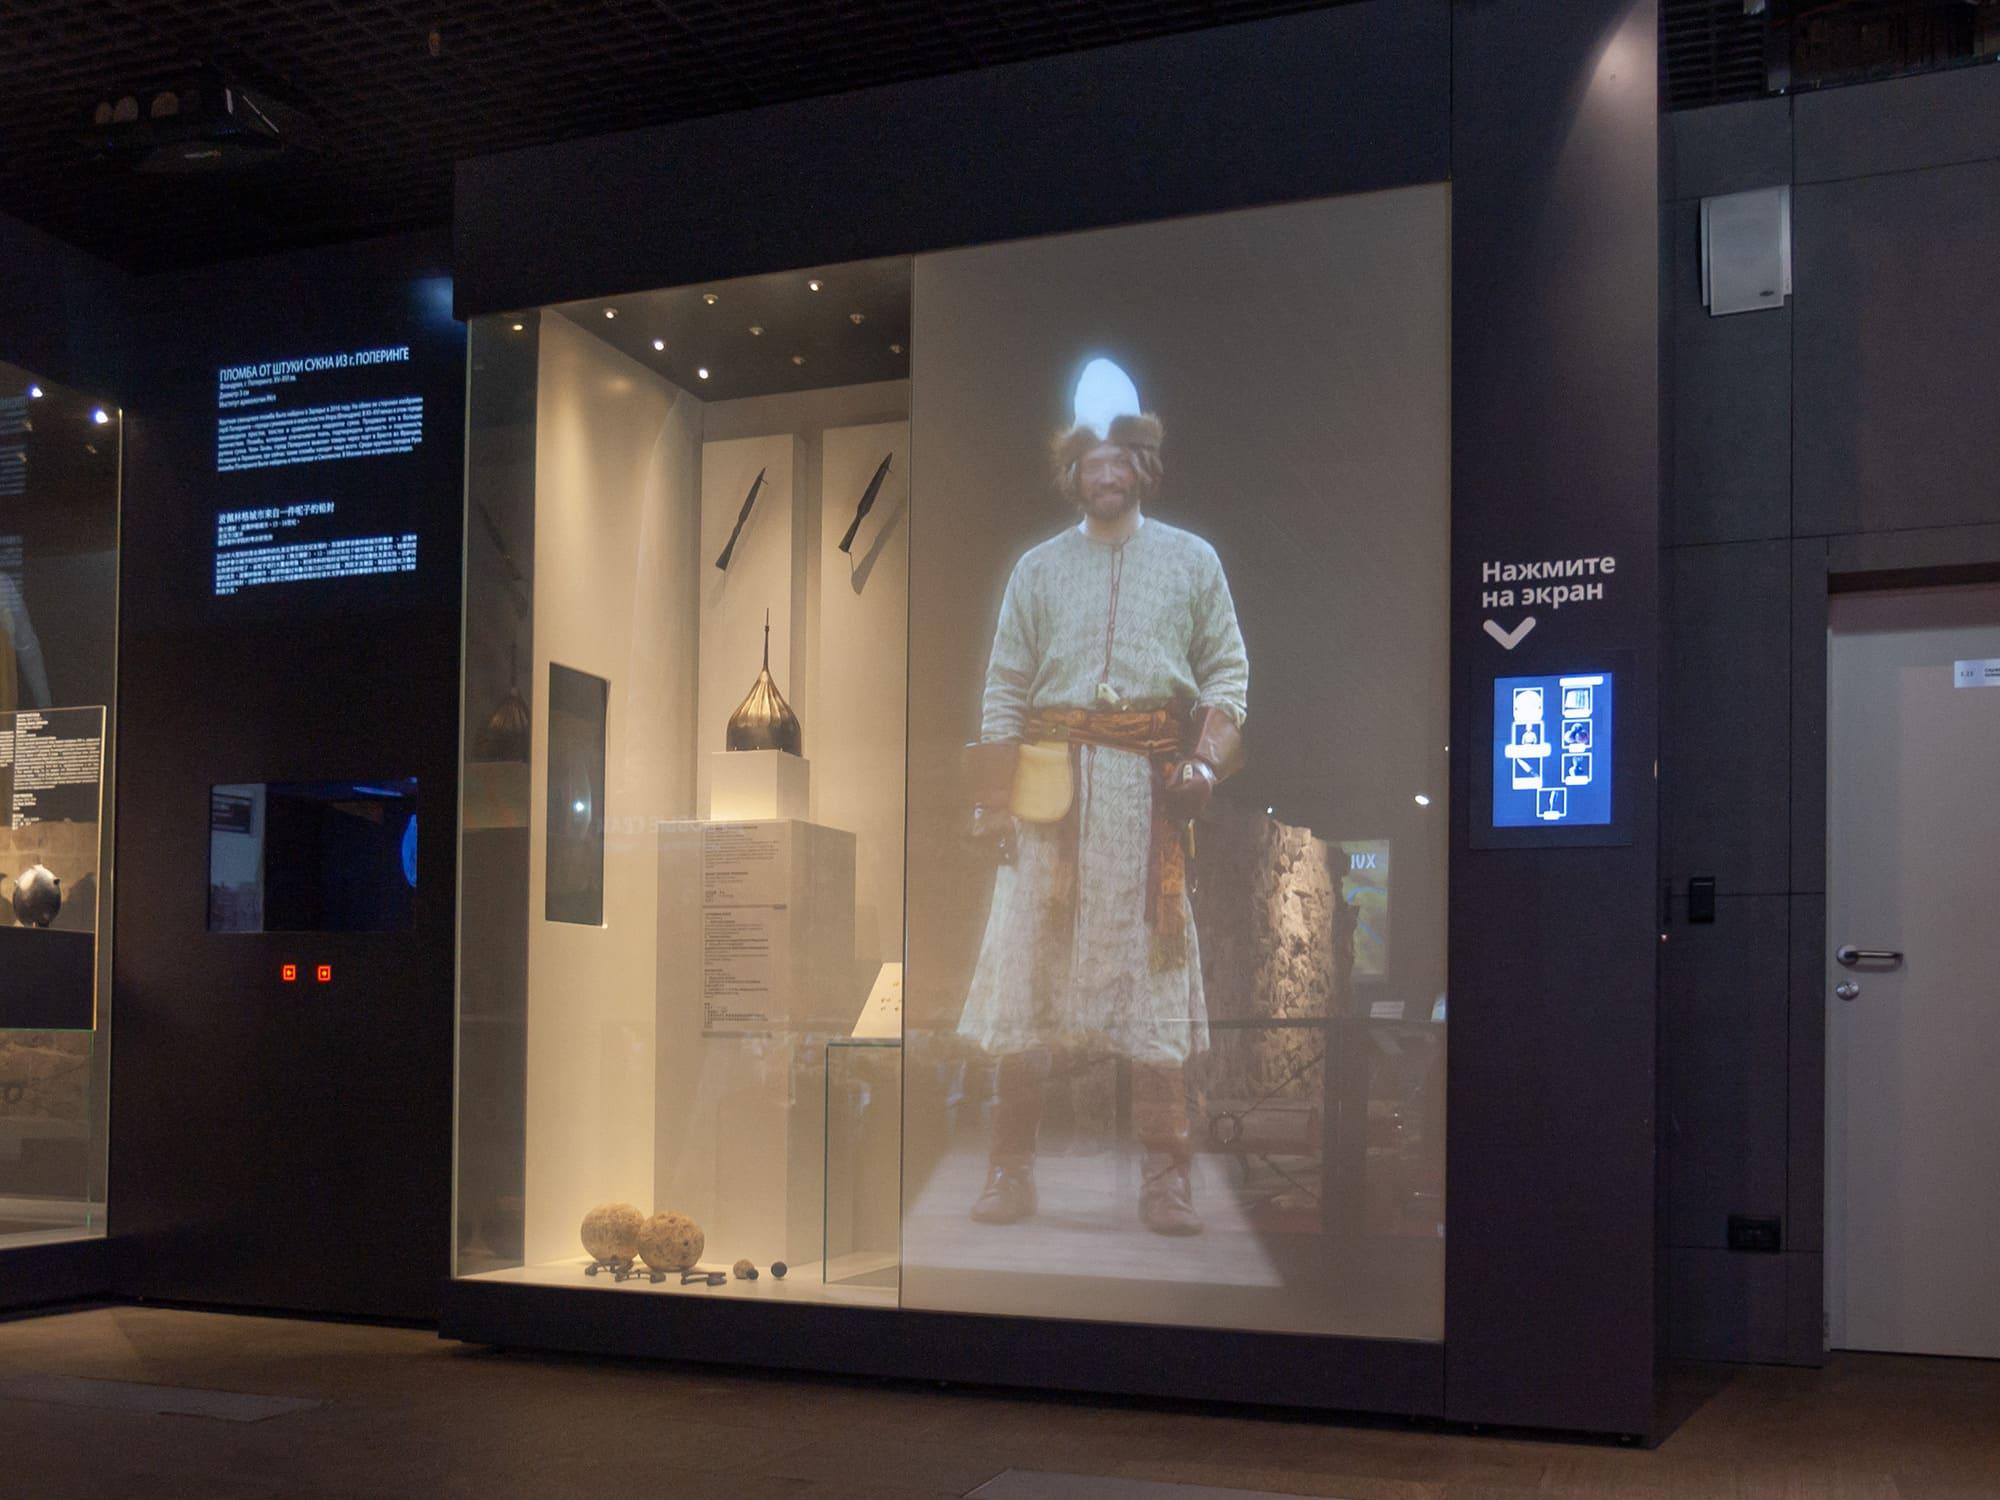 Интерактивный шкаф-телевизор в Подземном парке Зарядье